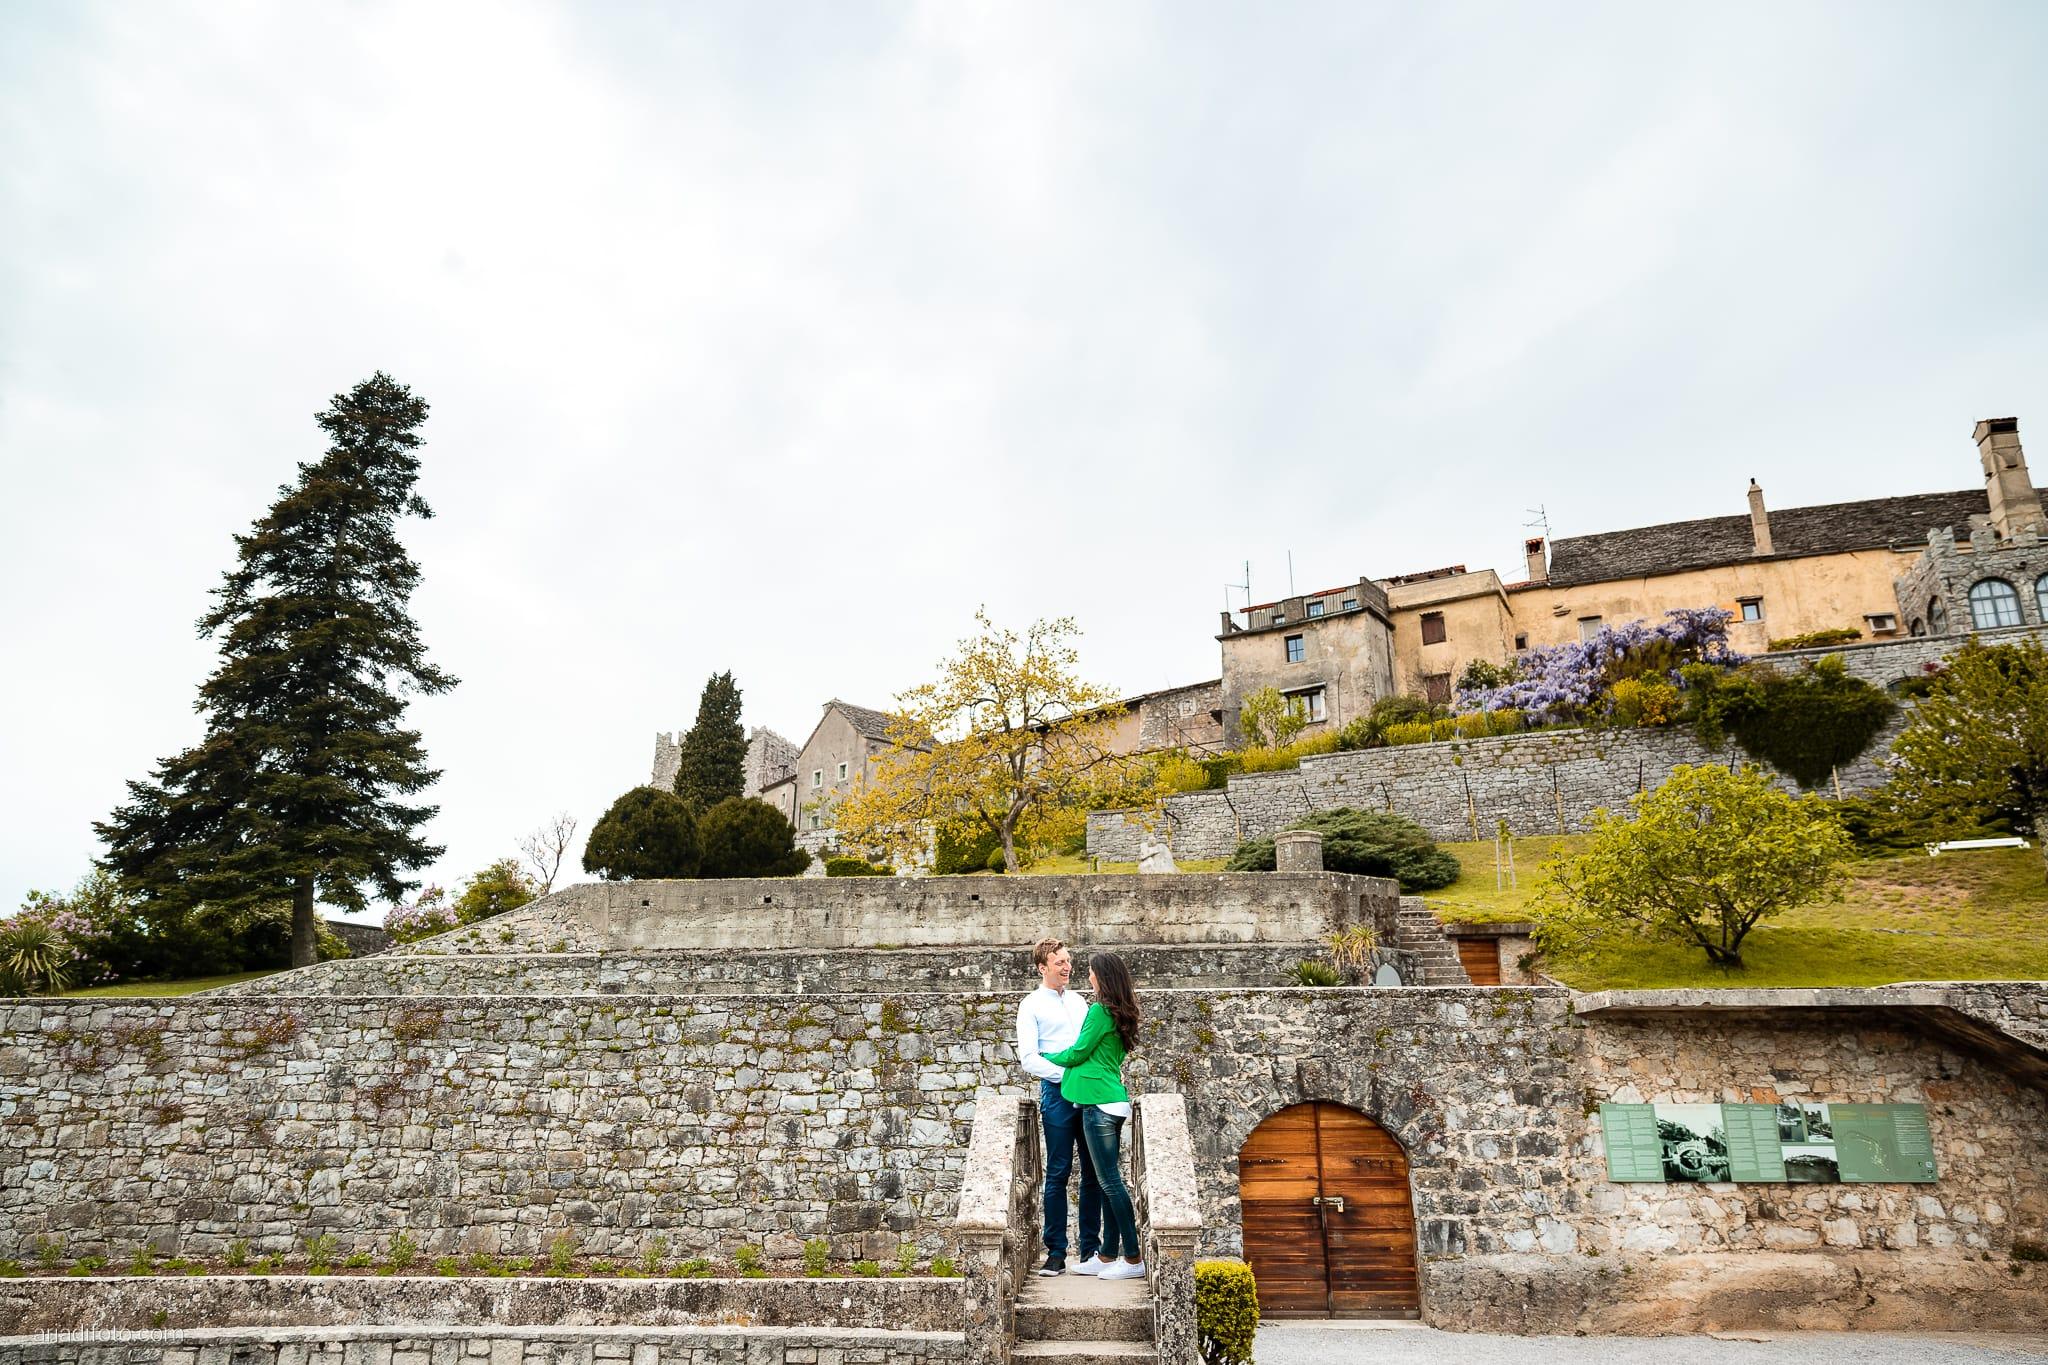 Erica Stefano Prematrimoniale Castello Stanjel San Daniele del Carso Slovenia